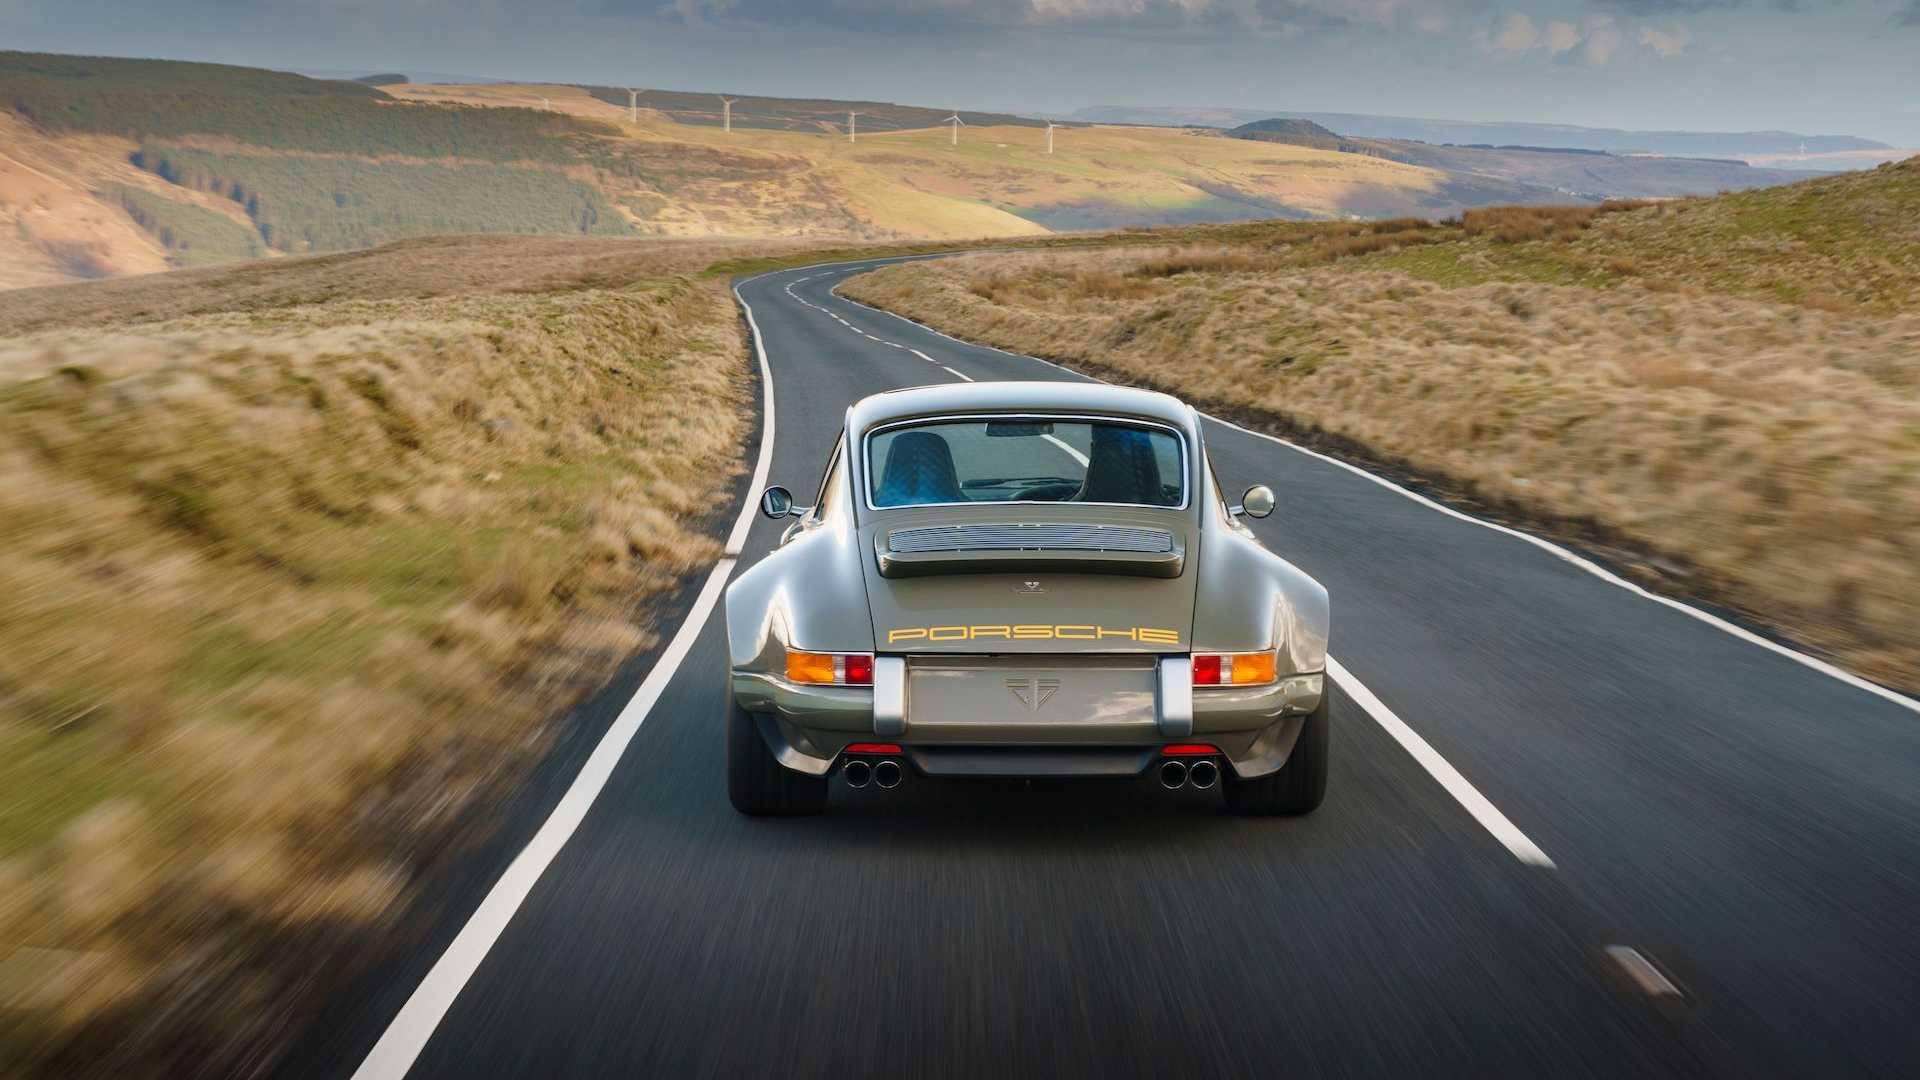 Theon-Design-HK002-Porsche-911-34